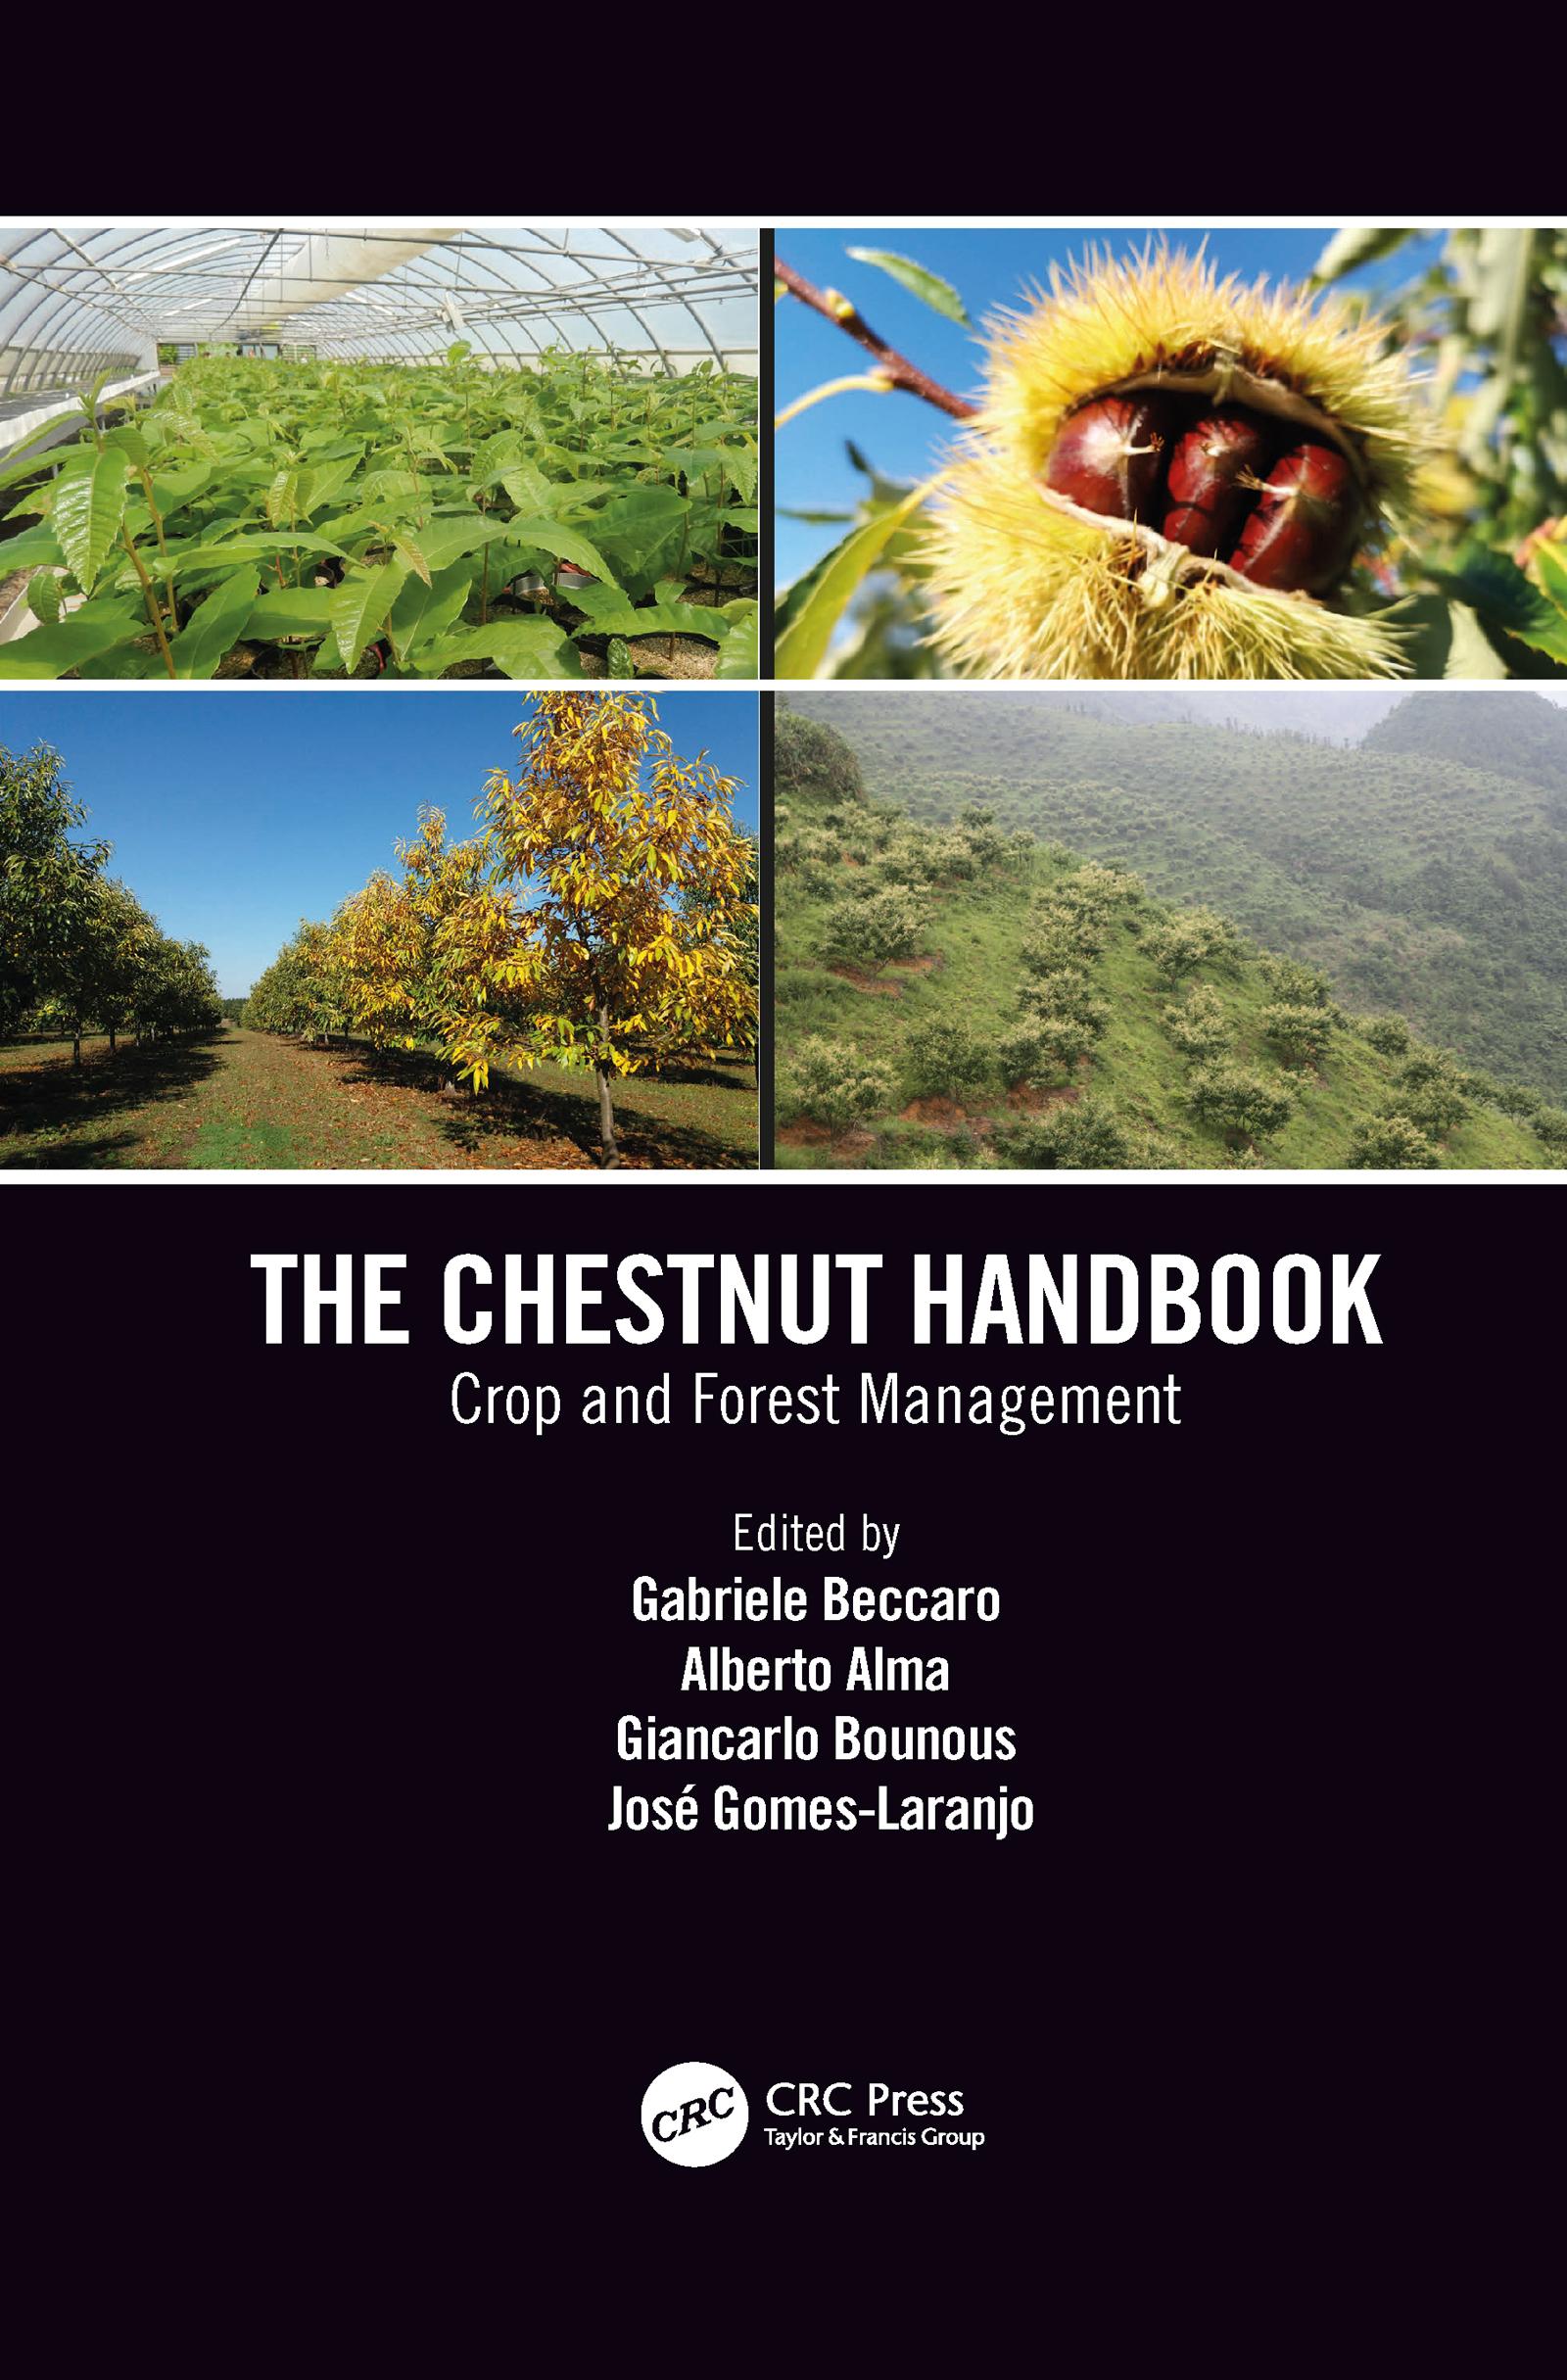 The Chestnut Handbook